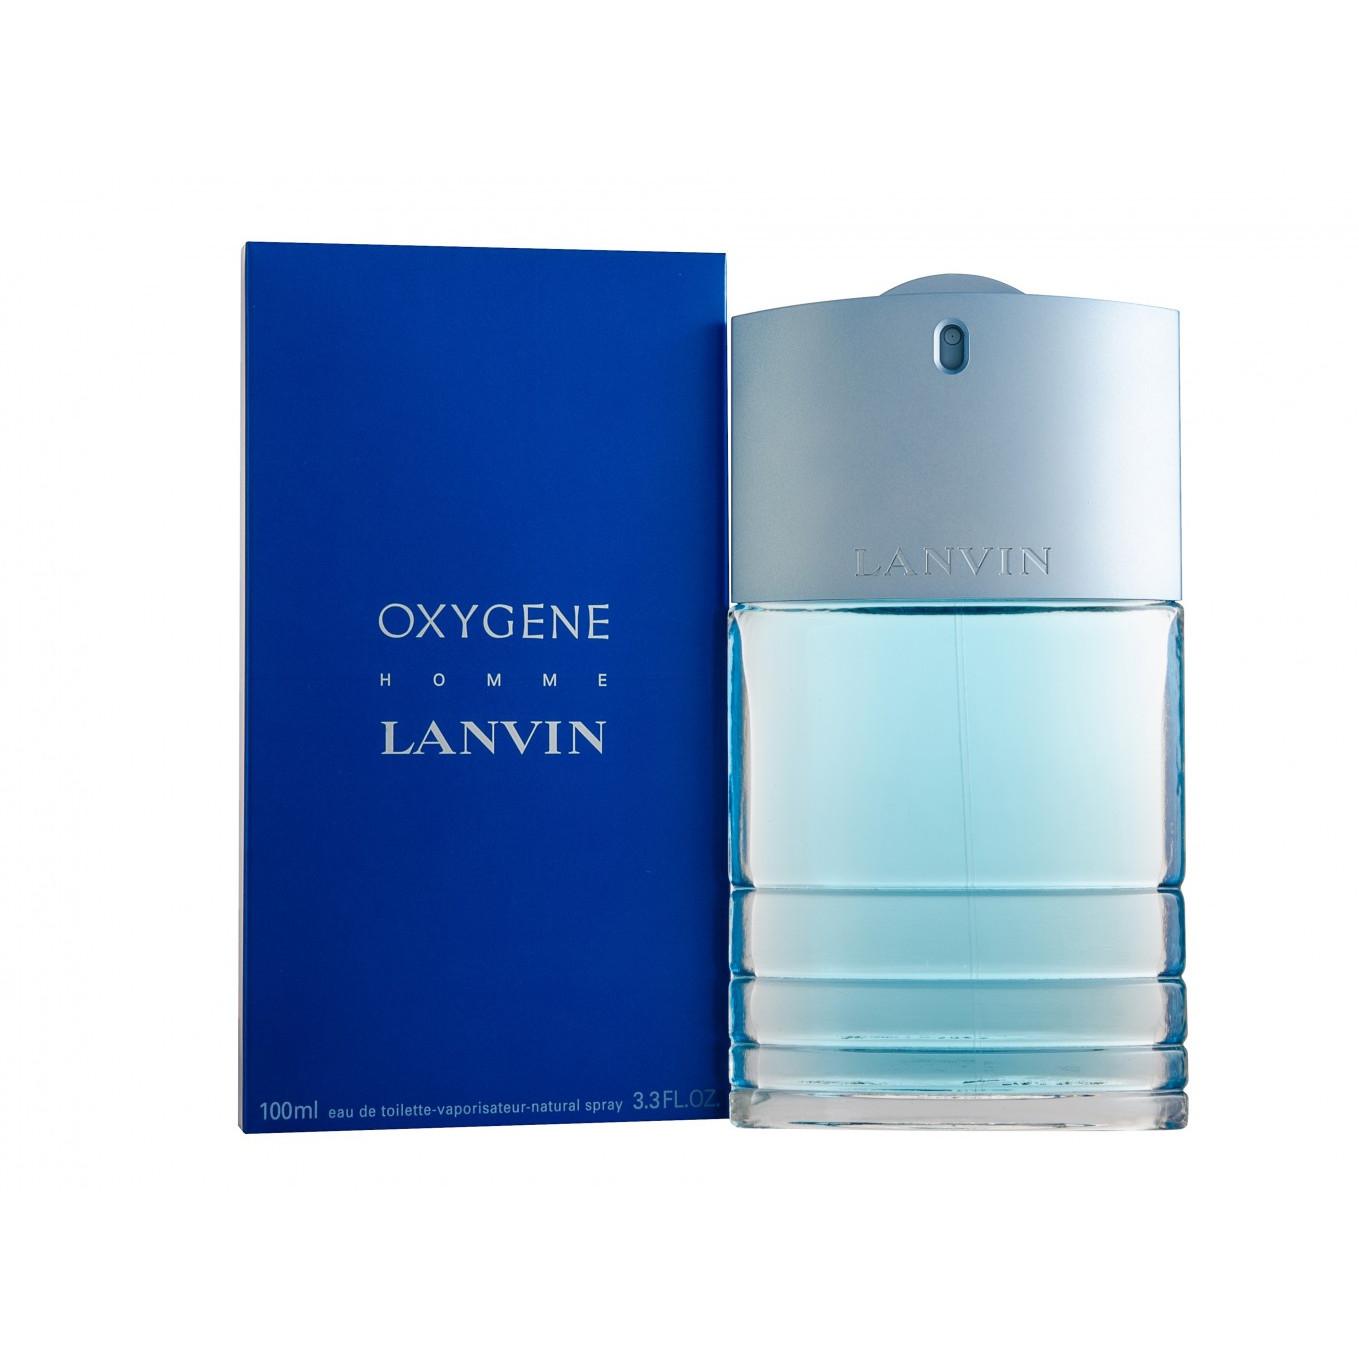 Lanvin Paris Oxygene Homme - toaletní voda M Objem: 100 ml